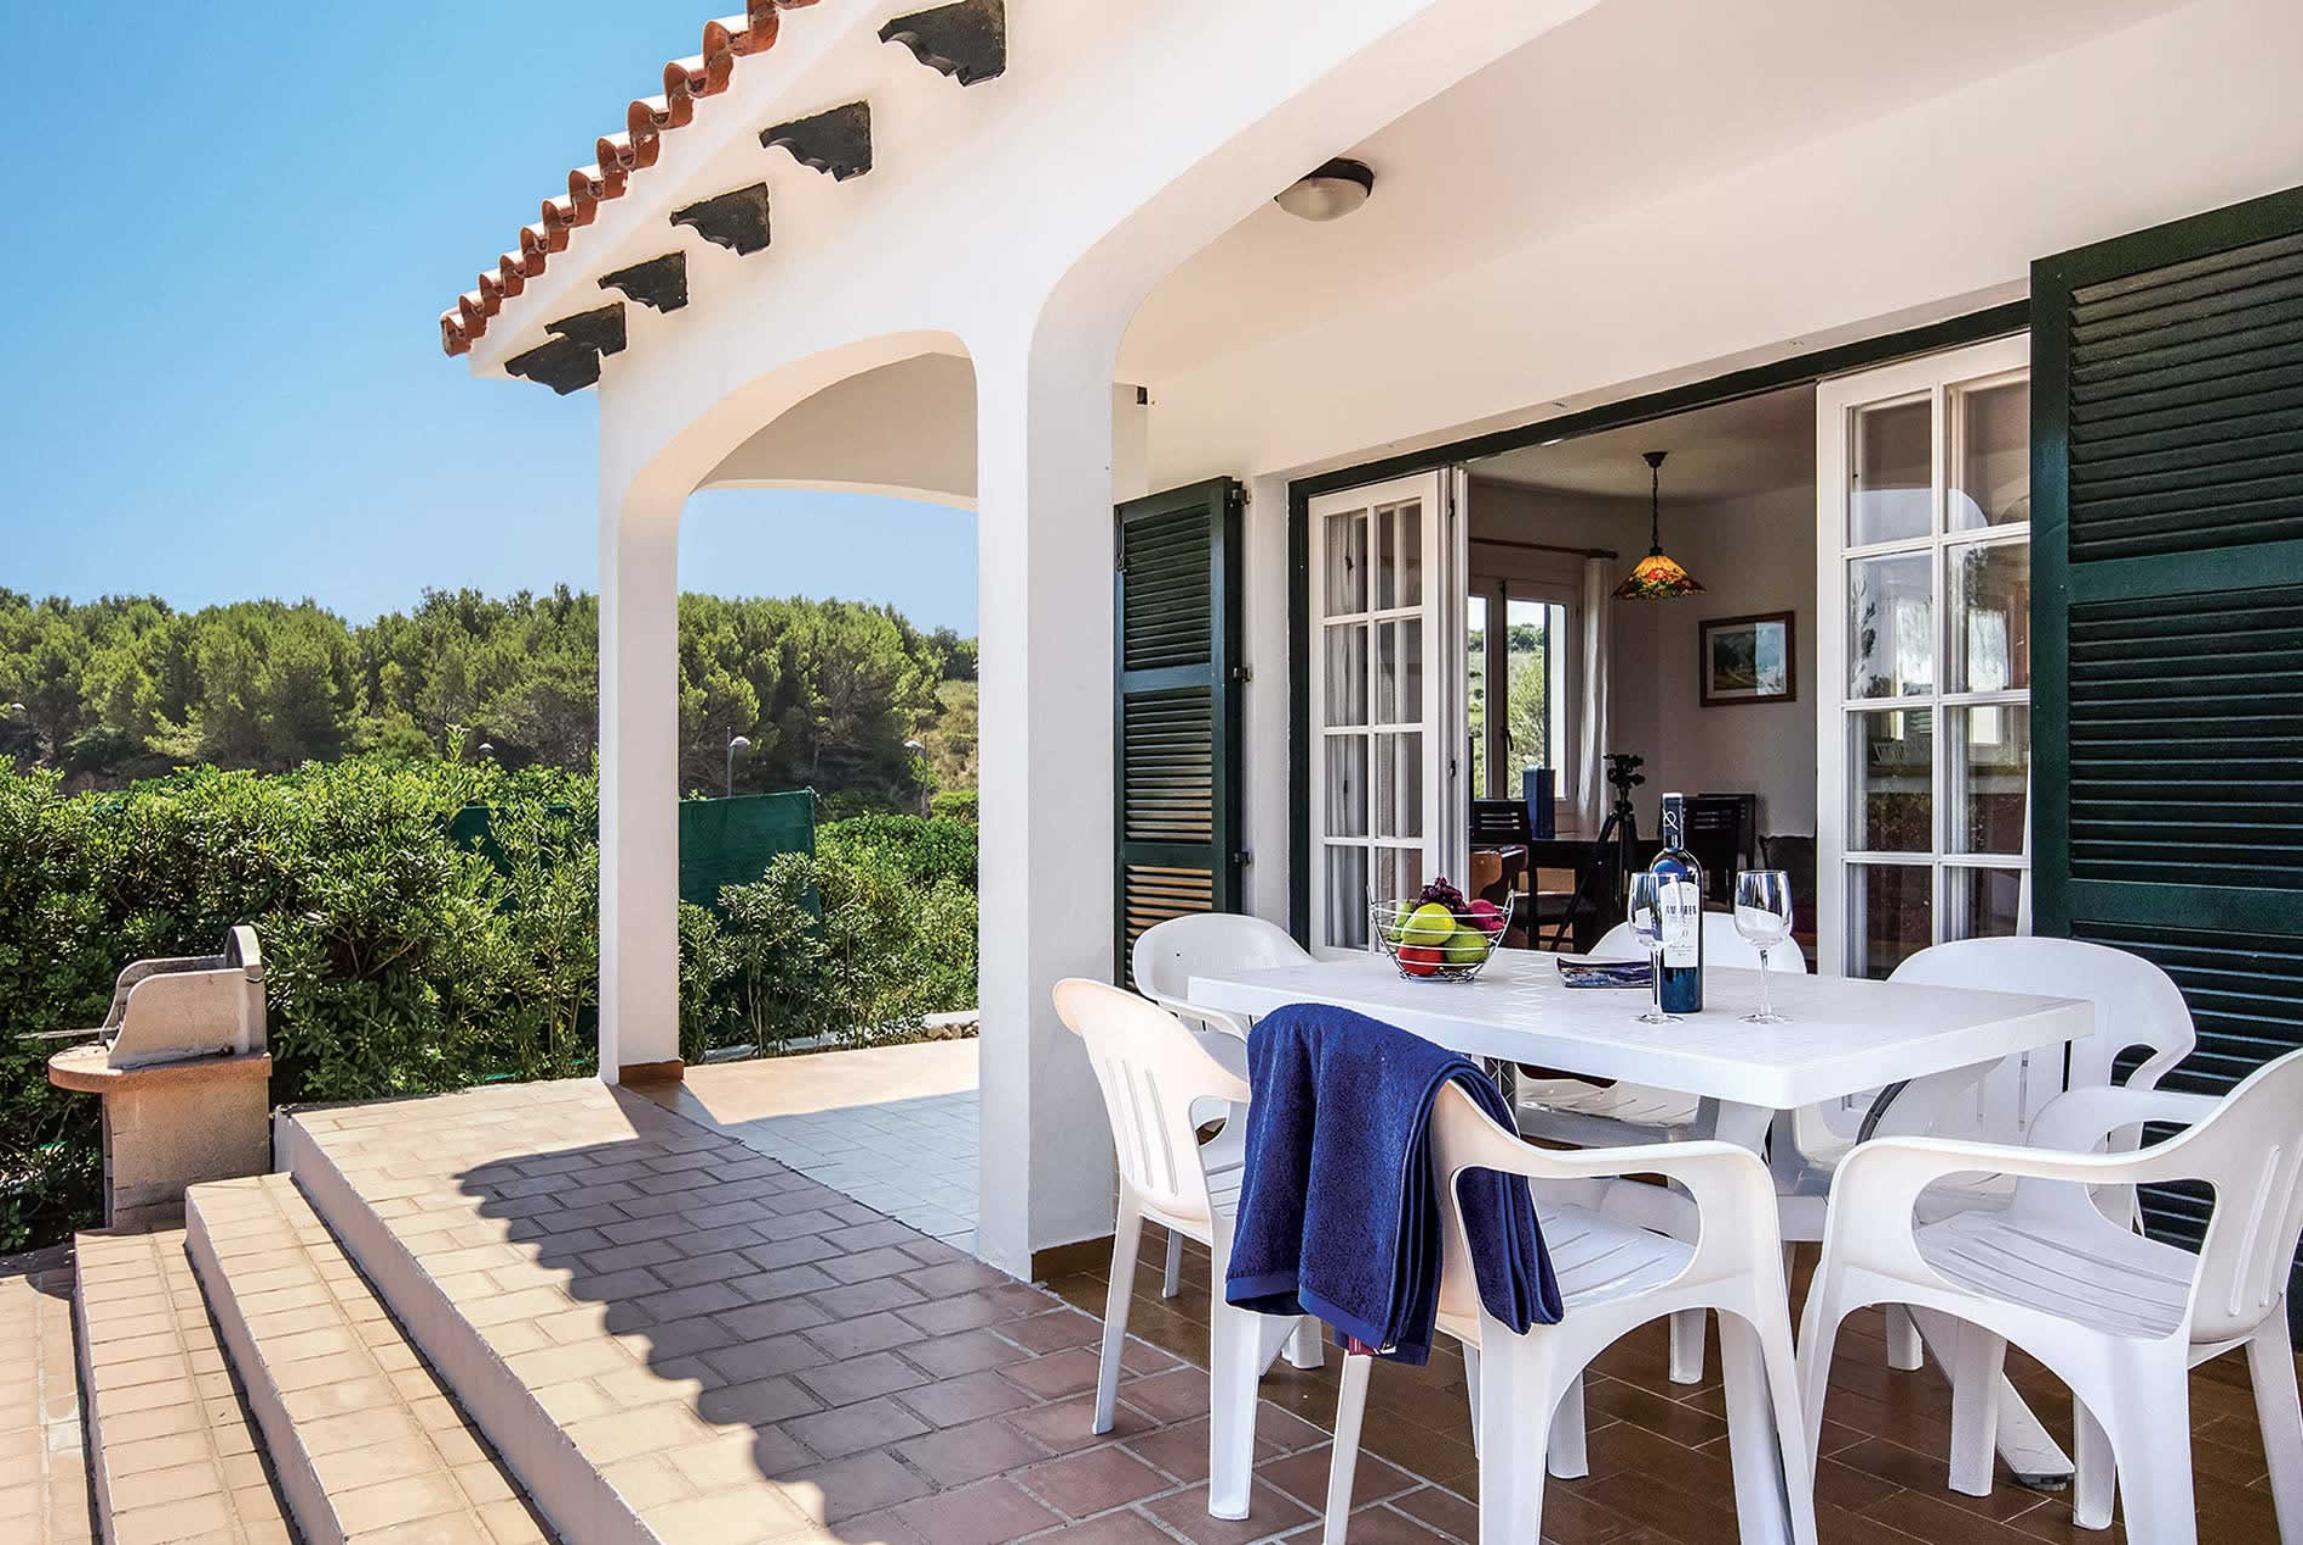 Ferienhaus Sol I Mar (2654313), Arenal De'N Castell, Menorca, Balearische Inseln, Spanien, Bild 10